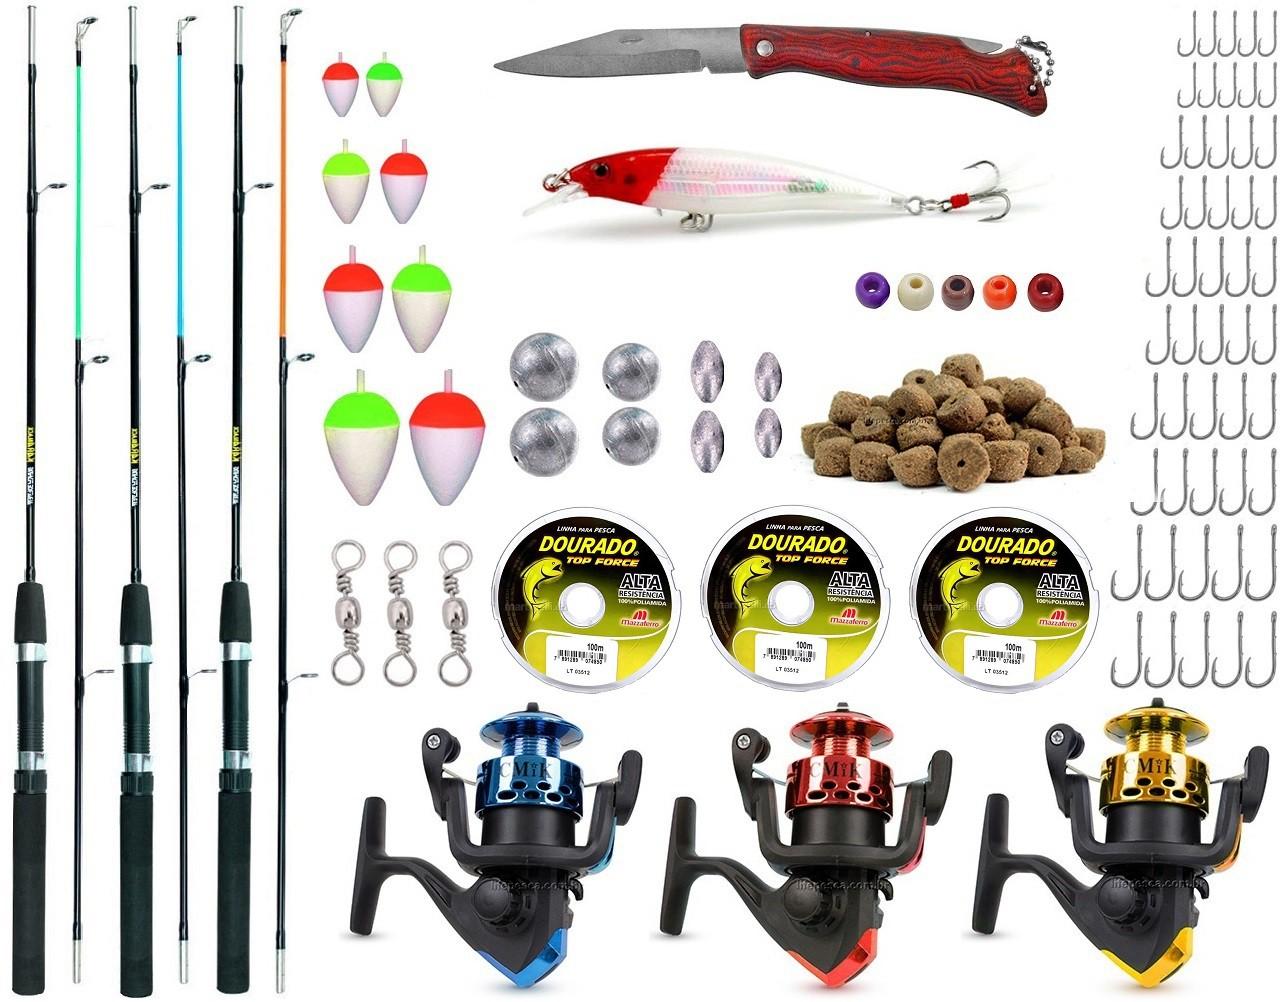 Kit De Pesca Completo 3 Varas 3 Molinetes E Acessórios (Ref. 02)